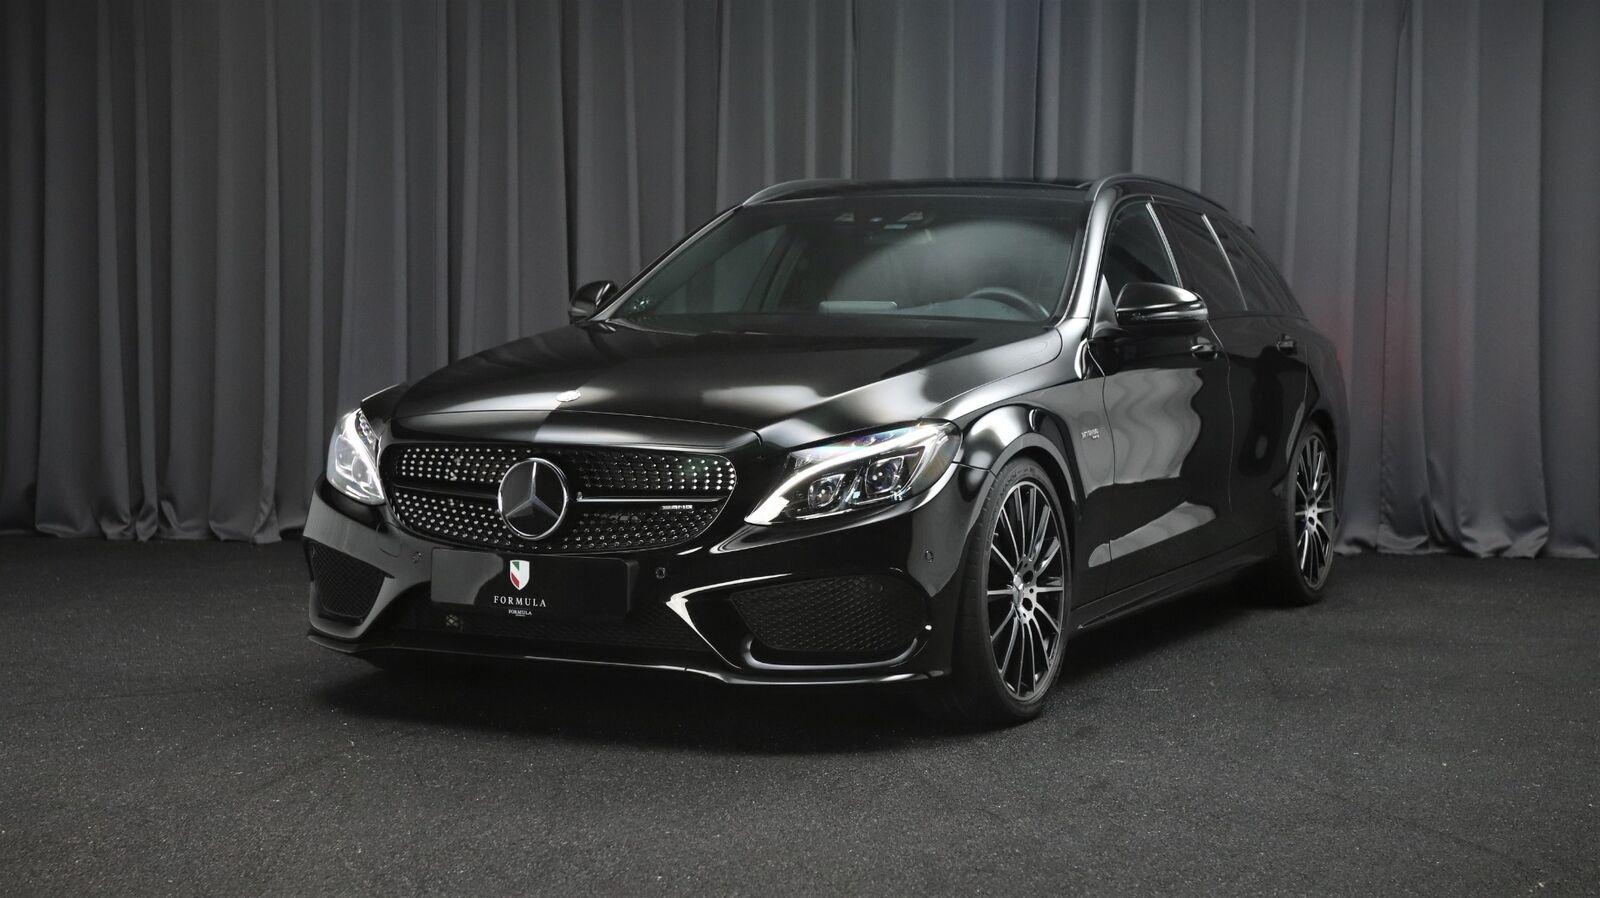 Mercedes C43 3,0 AMG stc. aut. 4-M 5d - 5.050 kr.